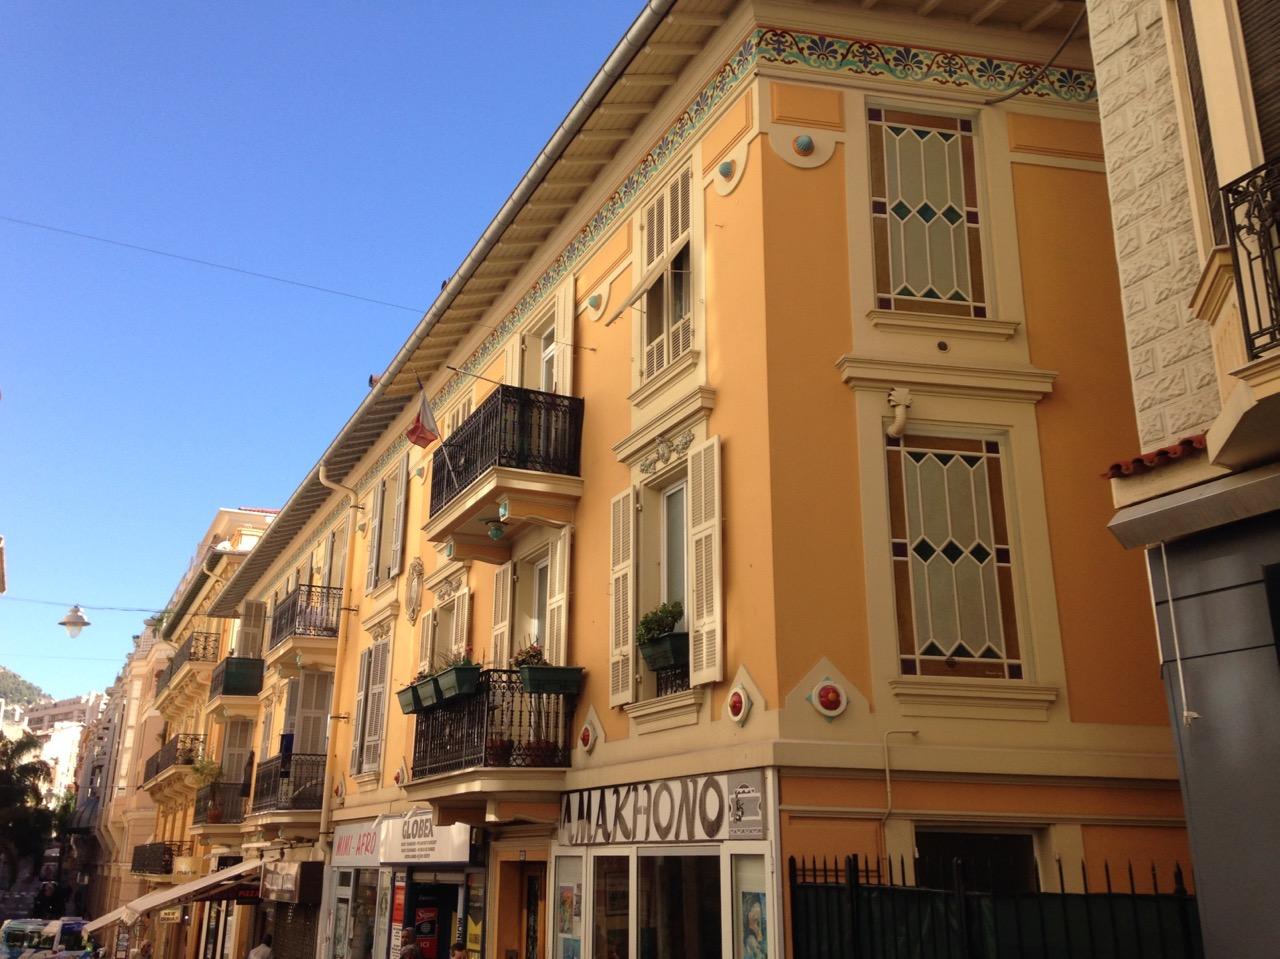 Beausoleil, la  journée, repas itinérant, villa Juturne, le Riviera Palace, ville frontalière Monaco